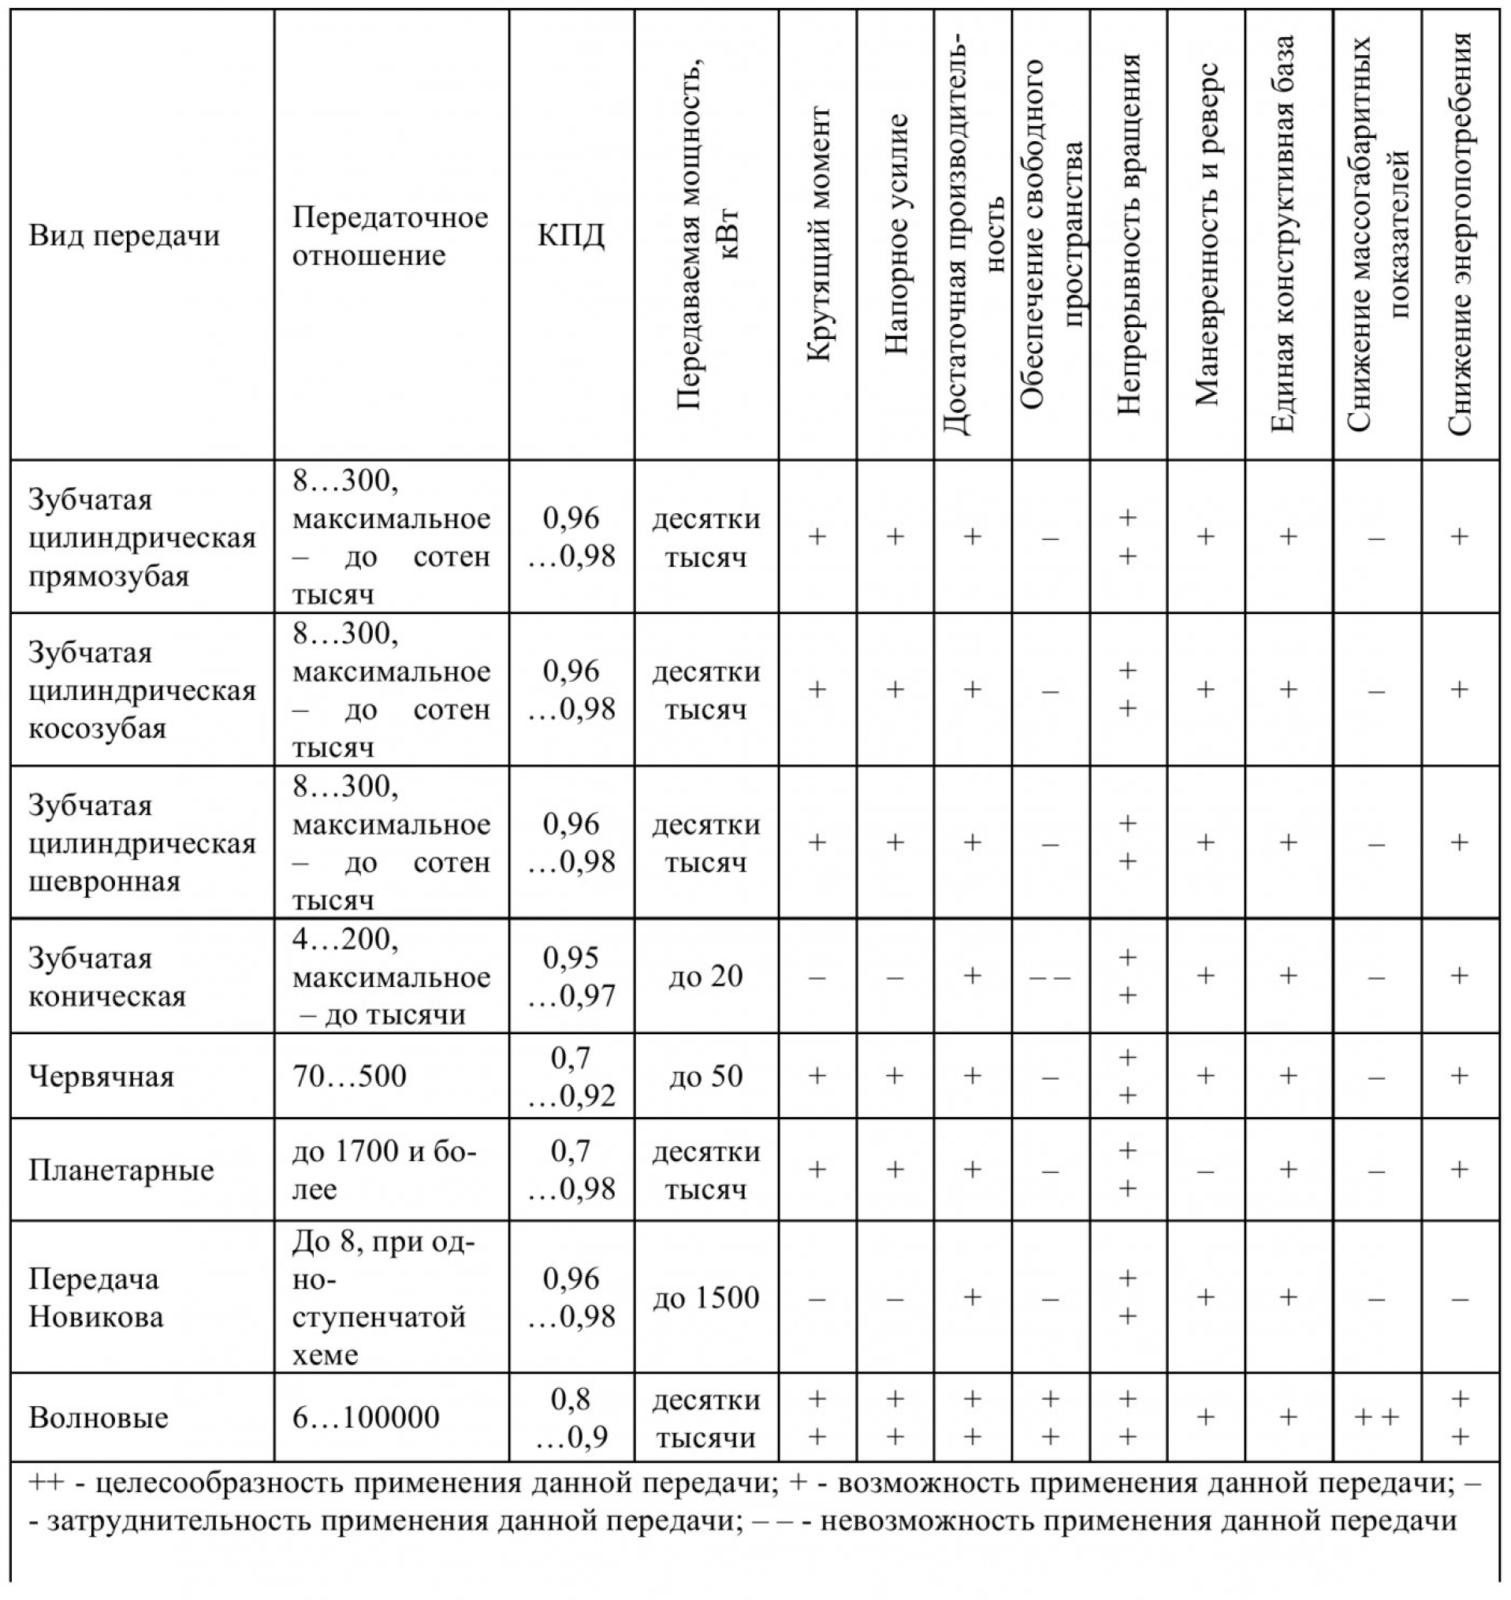 Таблица 2 – Анализ механических передач возможных к применению в трансмиссии геохода